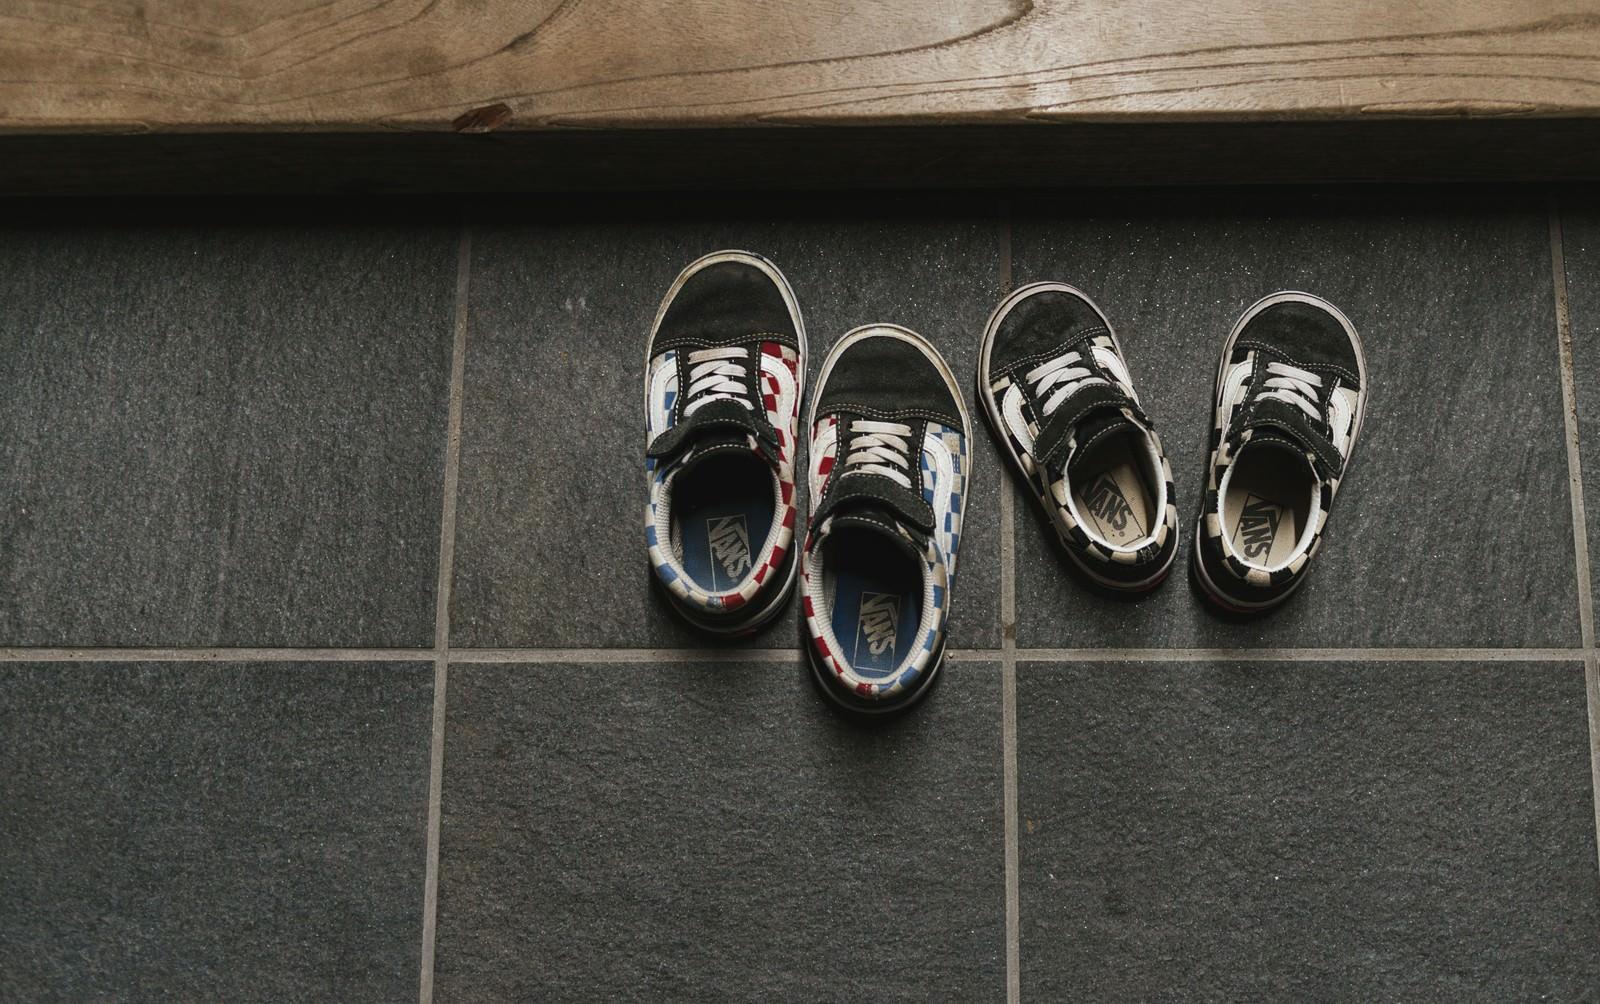 「玄関に脱ぎっぱなしの子供の靴」の写真